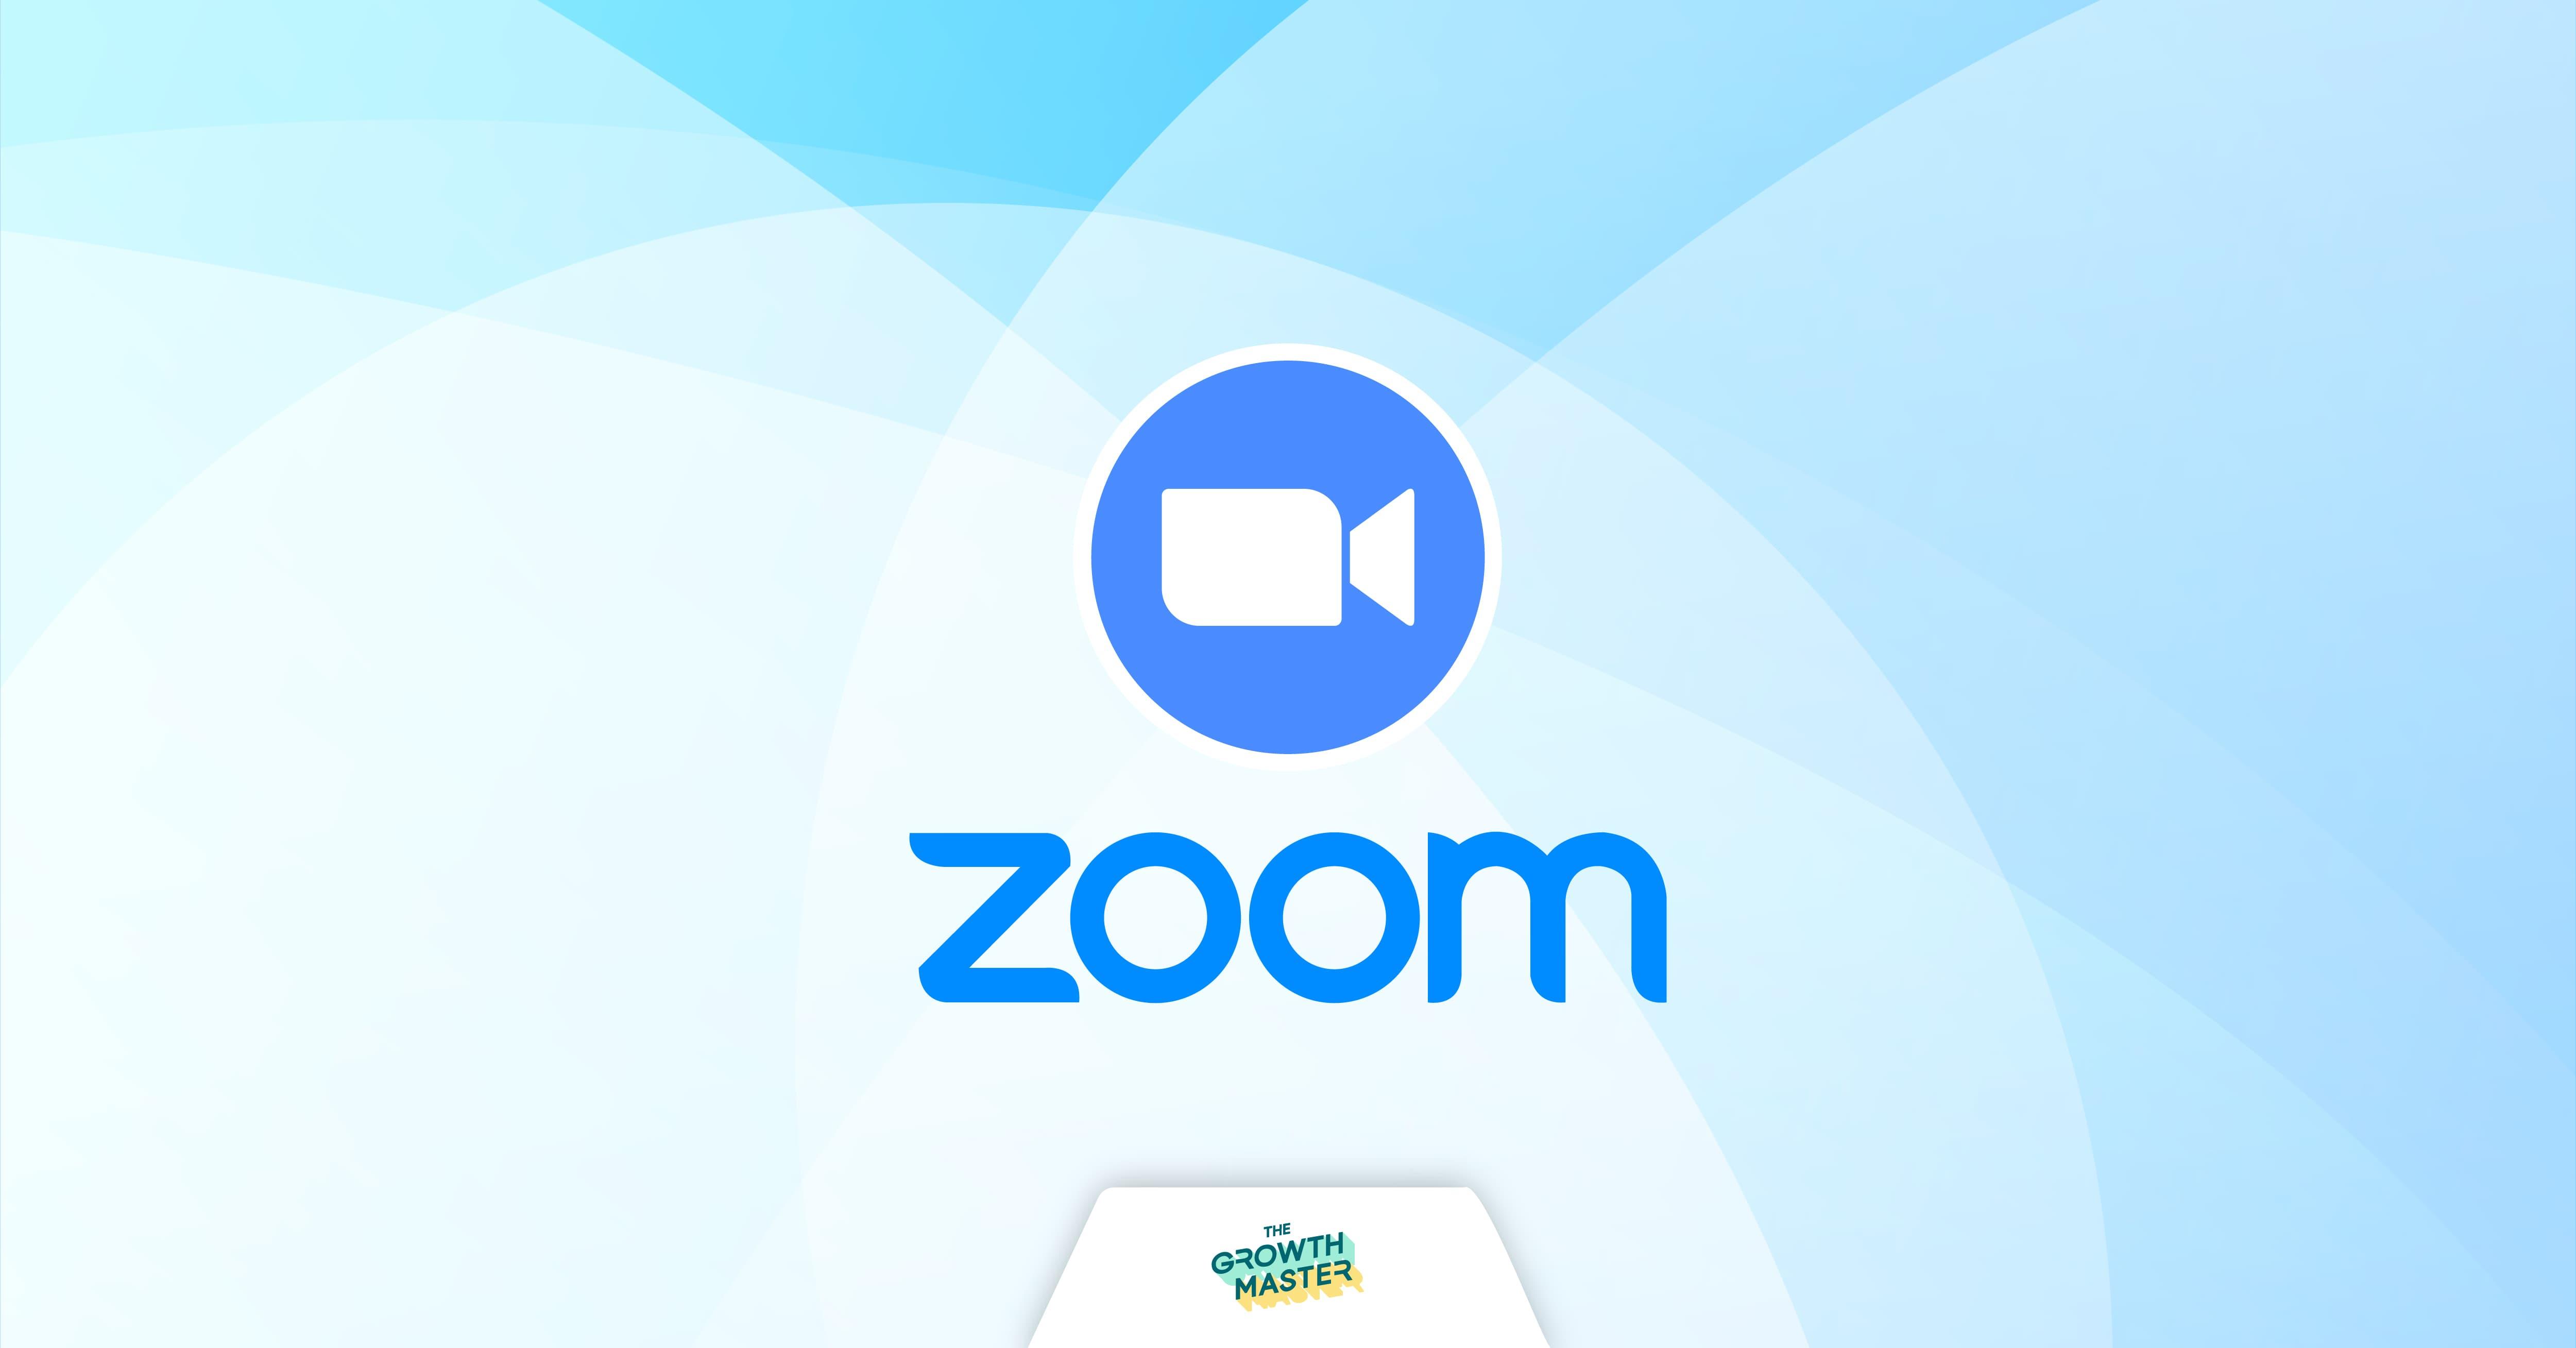 CASE STUDY : ลดความห่างไกลด้วย Zoom บริษัทที่เติบโตแบบพุ่งทะยานภายในเวลาไม่ถึง 10 ปี